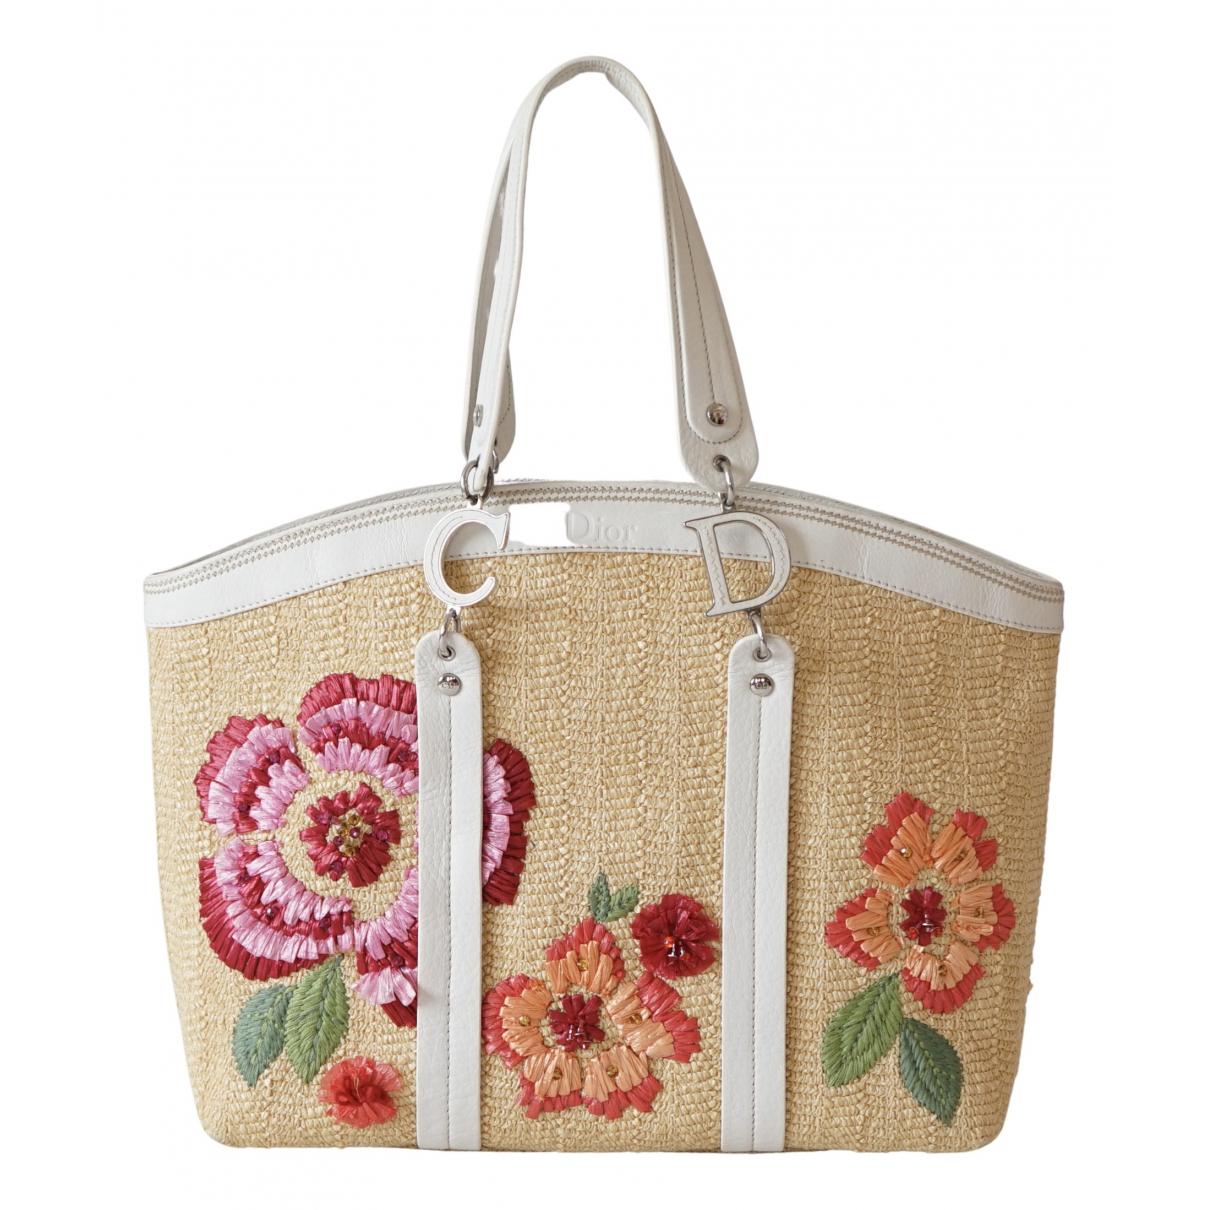 Dior \N Handtasche in  Beige Stroh